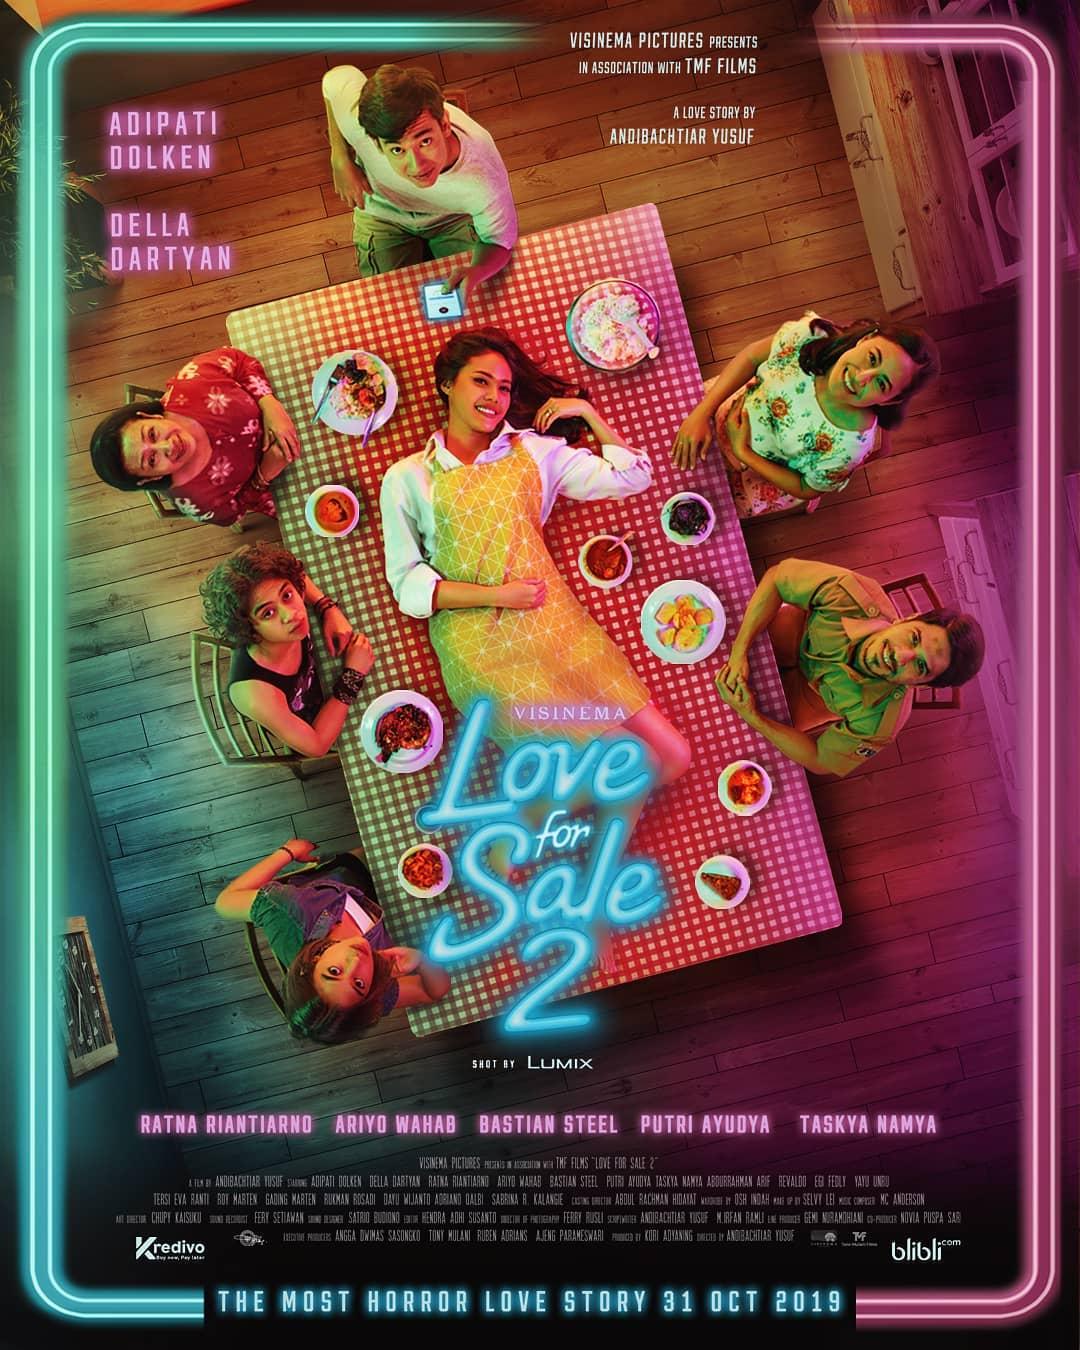 5 Fakta menarik film Love For Sale 2, siap bikin kamu baper